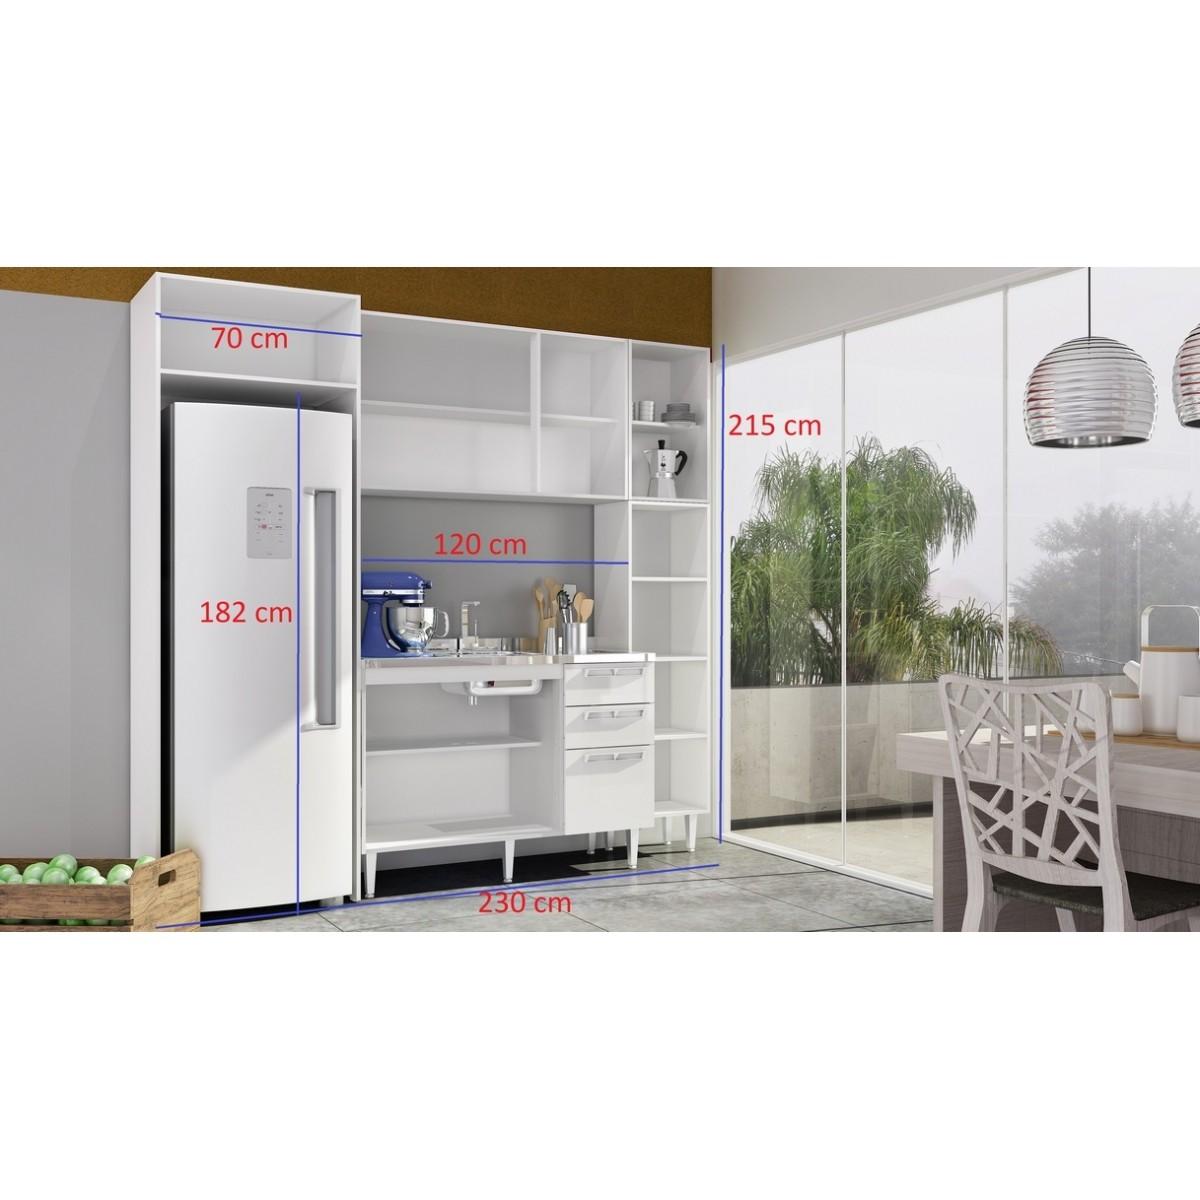 Cozinha Modulada Completa 5 peças Modelo 12 Várias Cores Mia Coccina